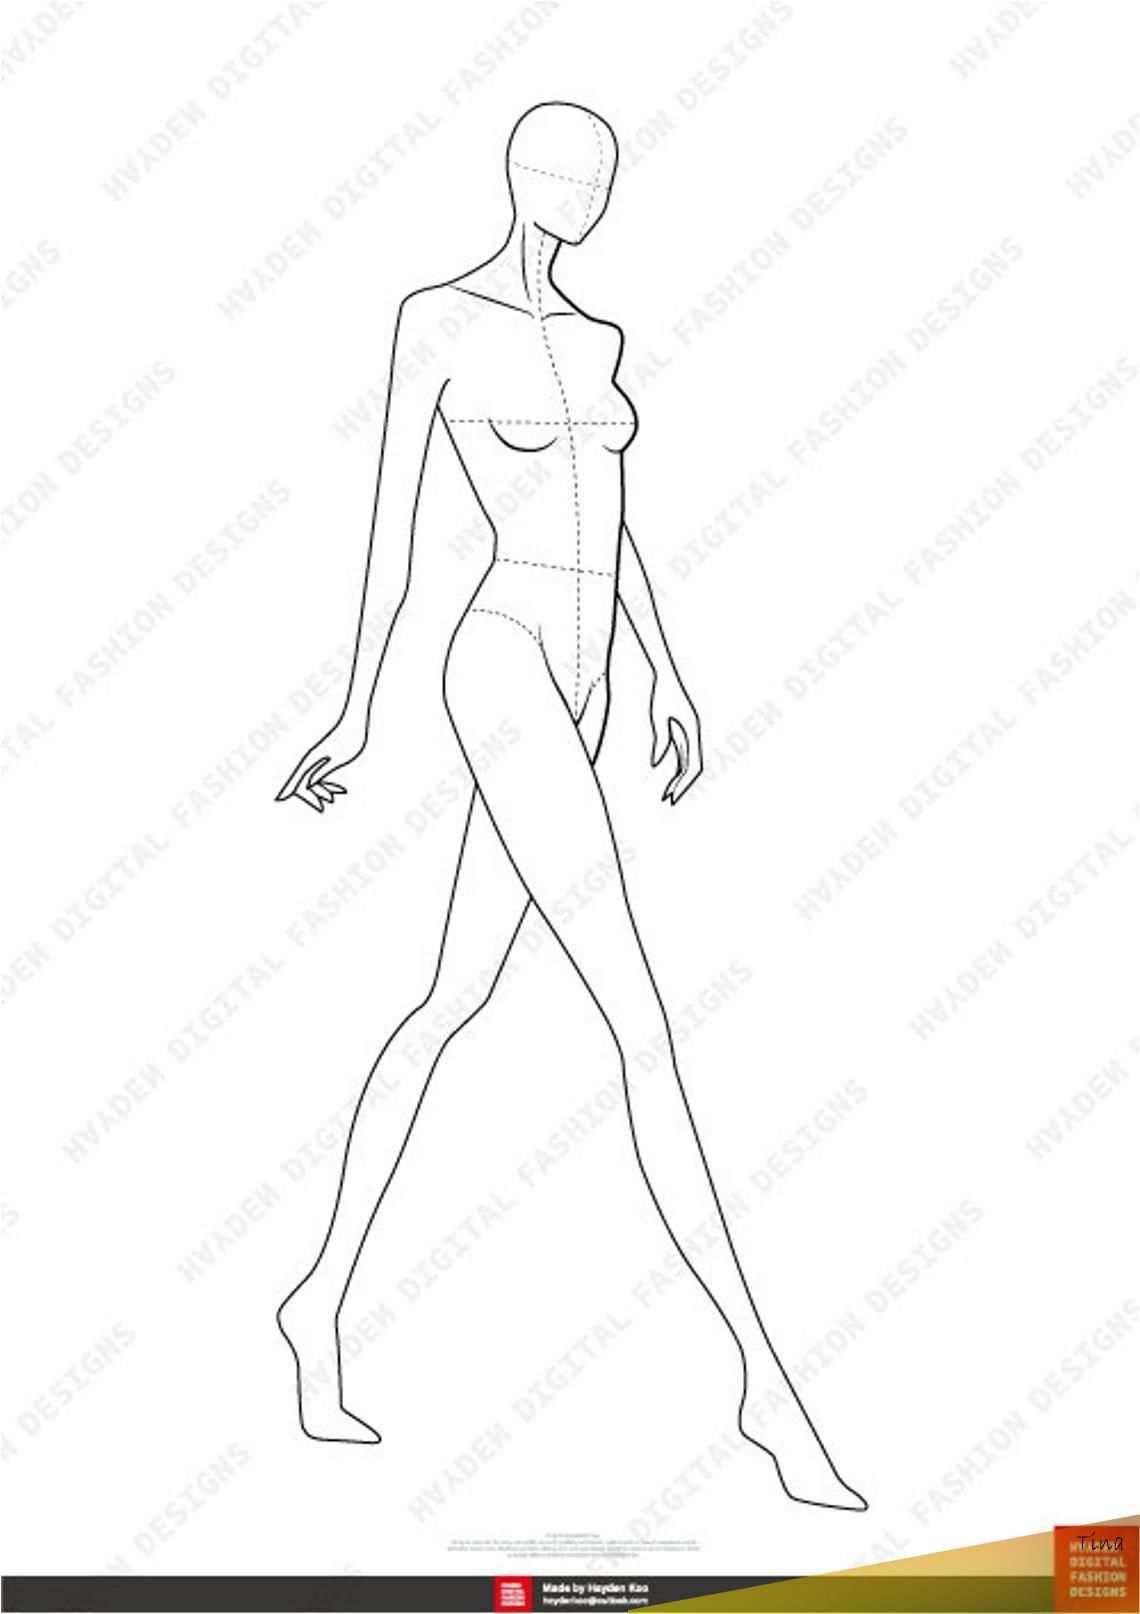 06 Mar 2020 Https Hydnstudio Com Female Fashion Figure Template 10 Head Hydnstudio Com En 2020 Ilustracion De Moda Figuras De La Moda Portfolio De Moda